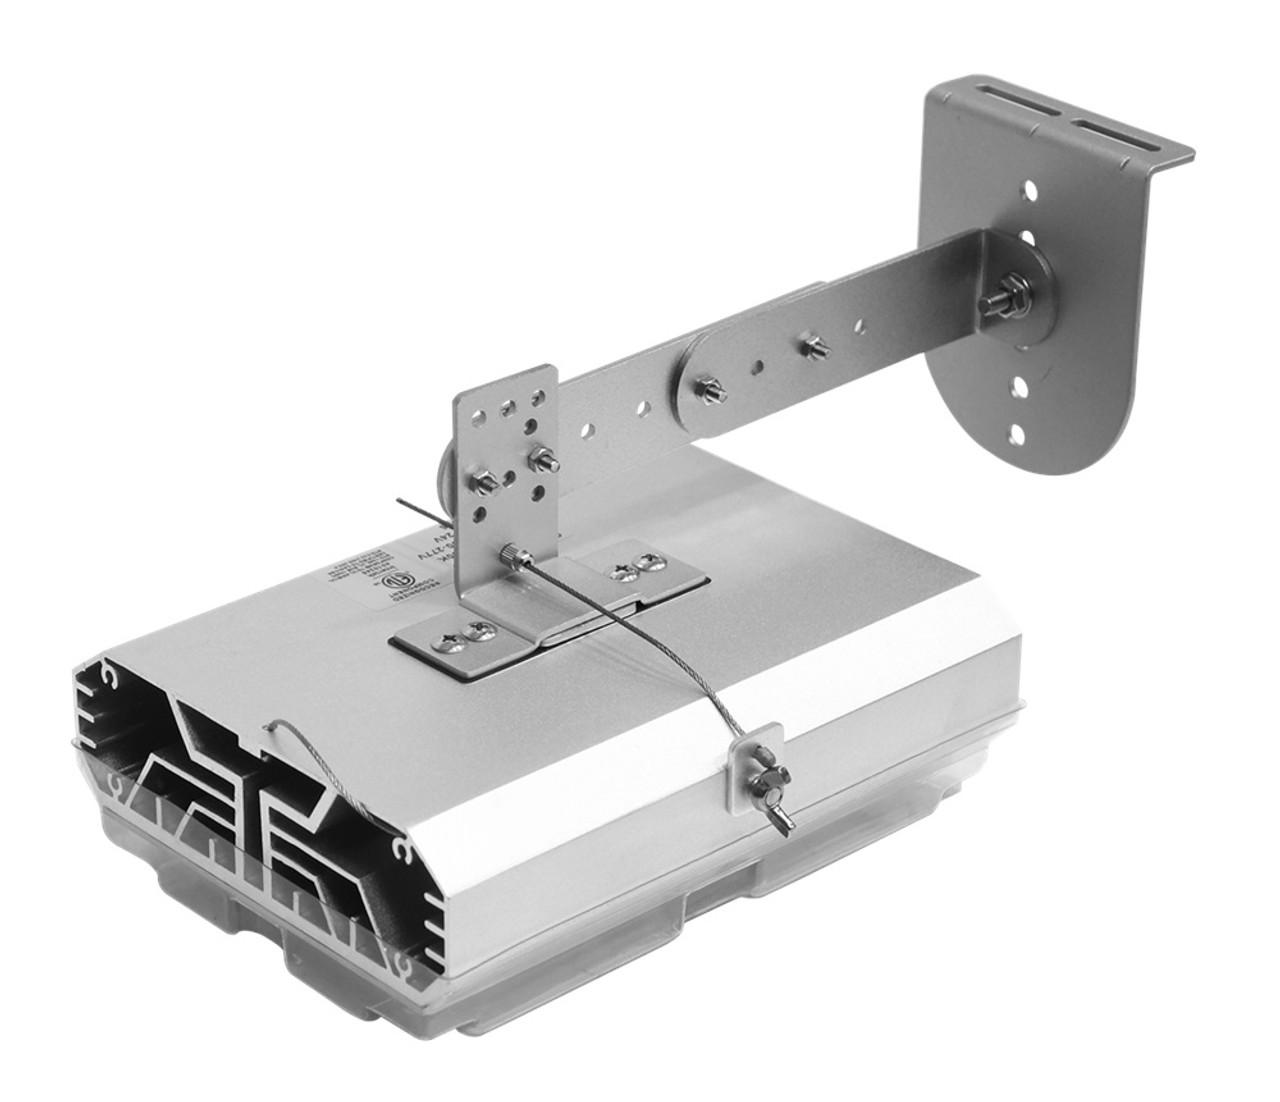 LED-8150-50K LED Retrofit Kit